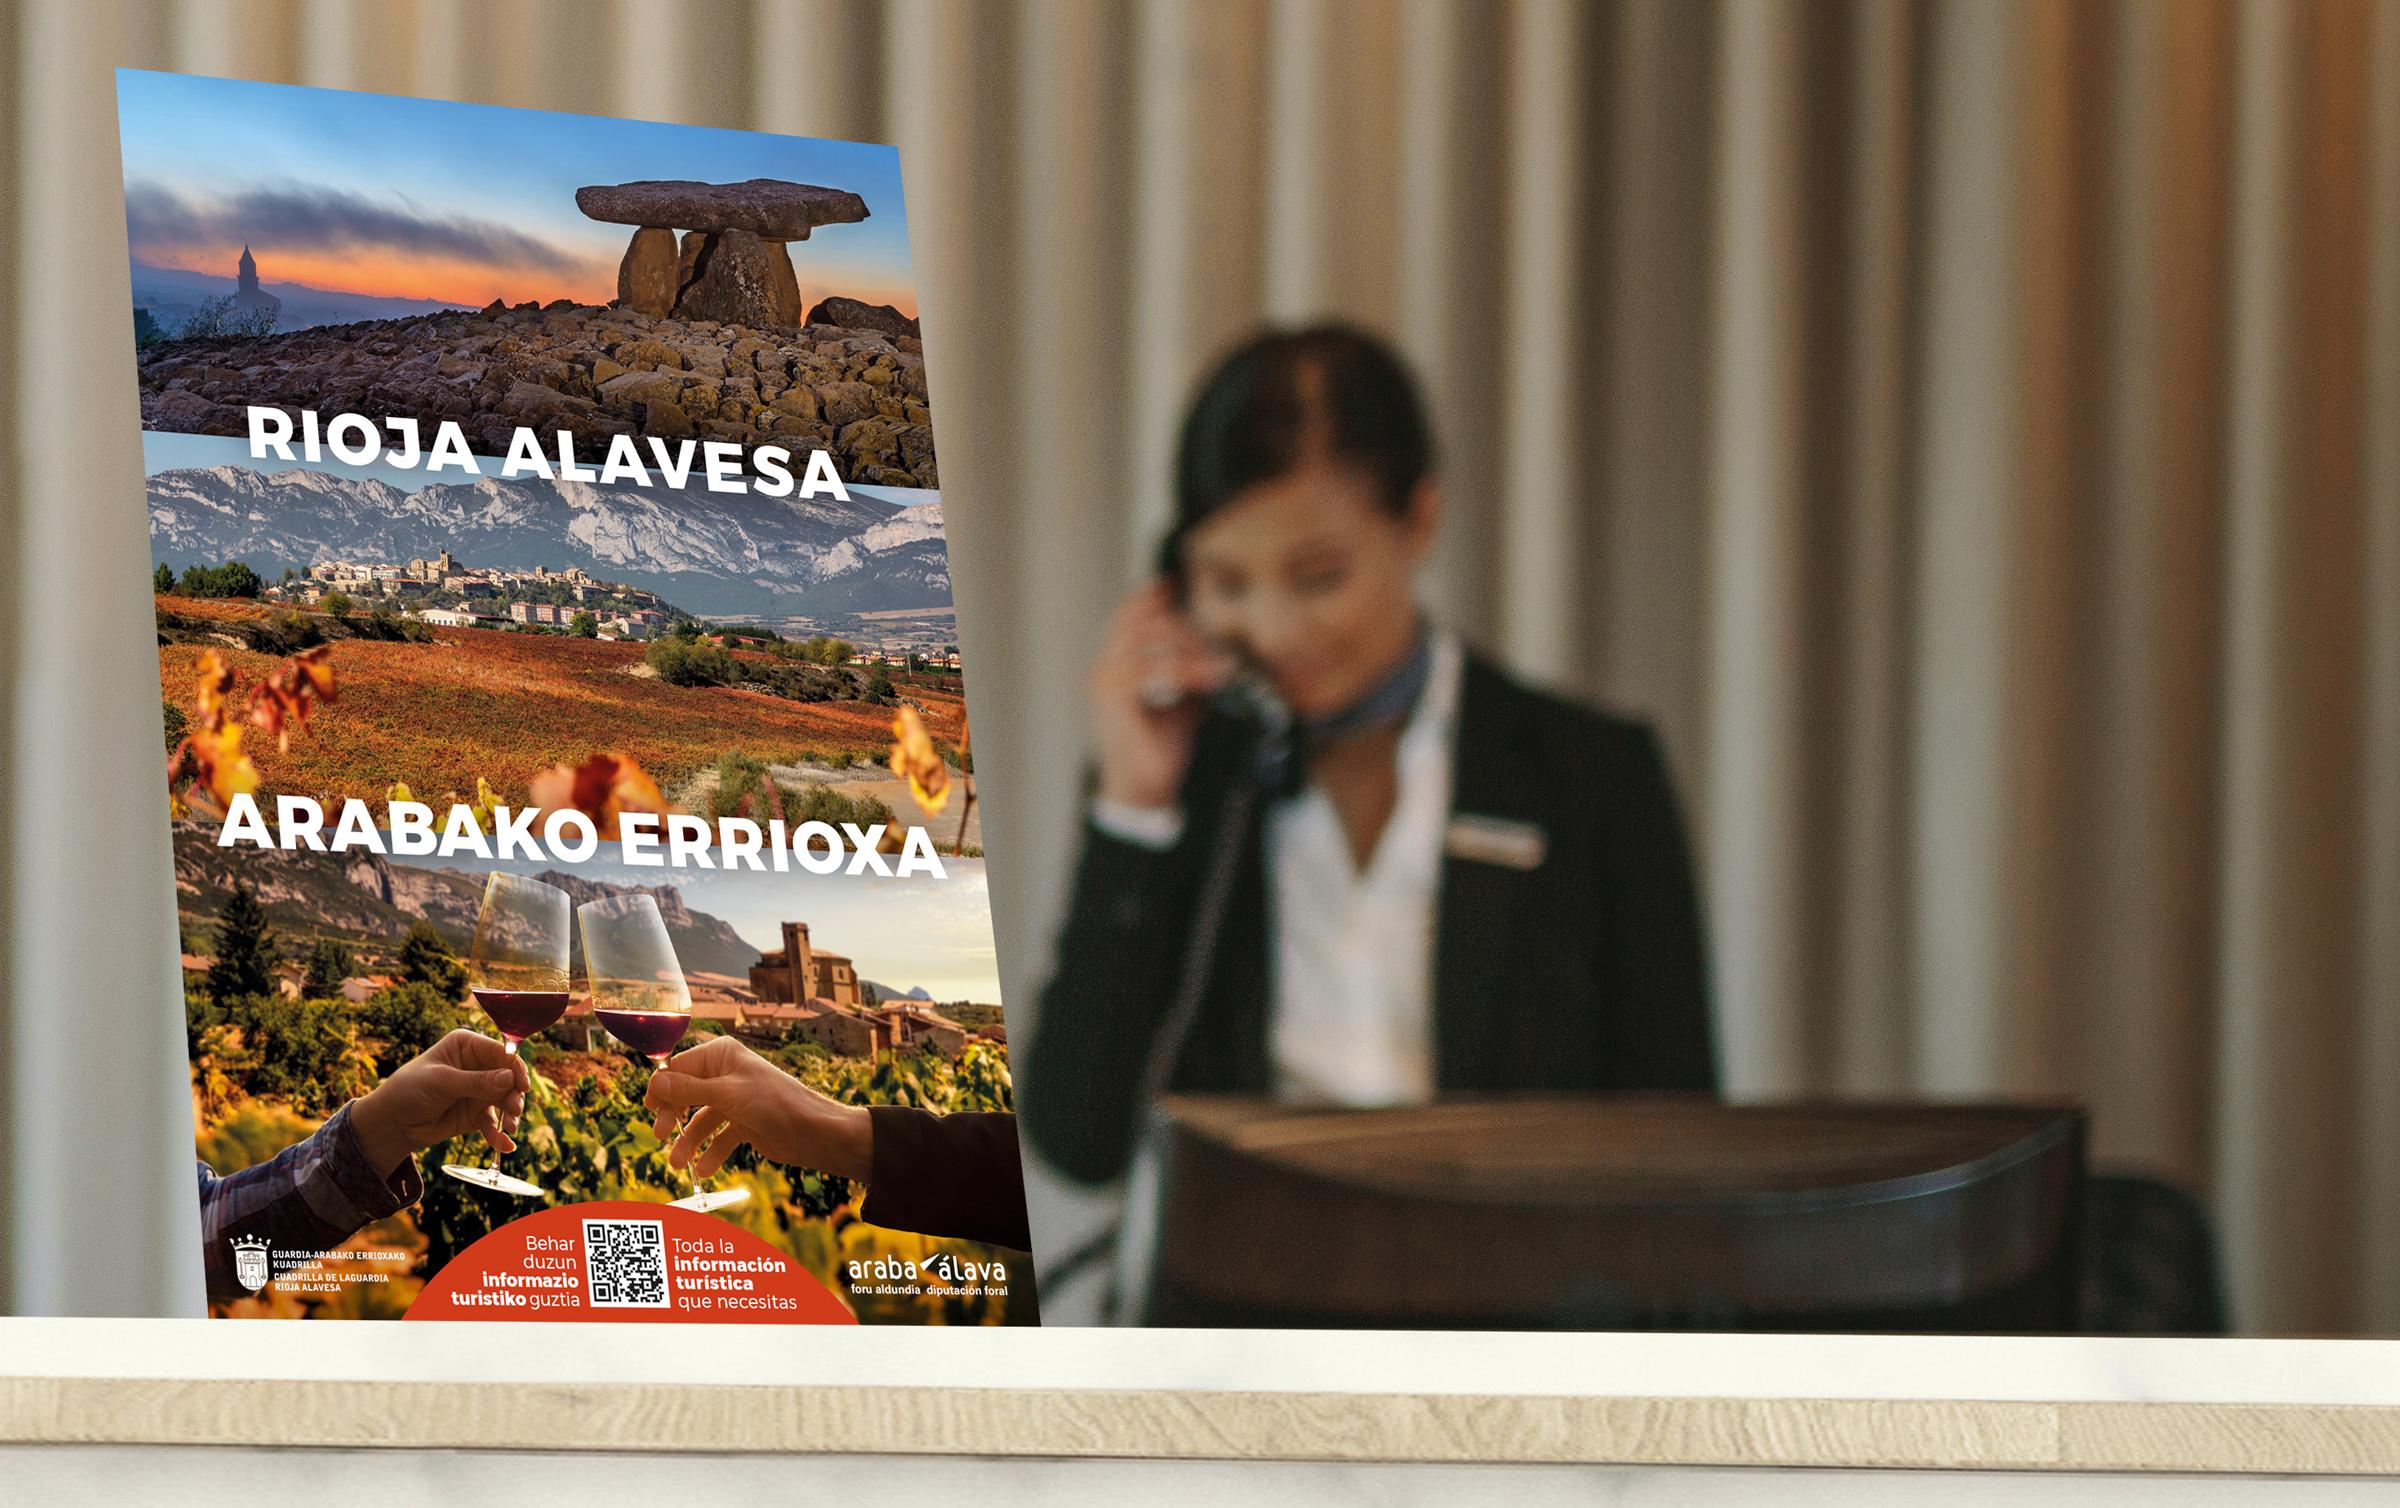 Cuadrilla de Rioja Alavesa – Campaña de promoción turística – Recepción de turistas